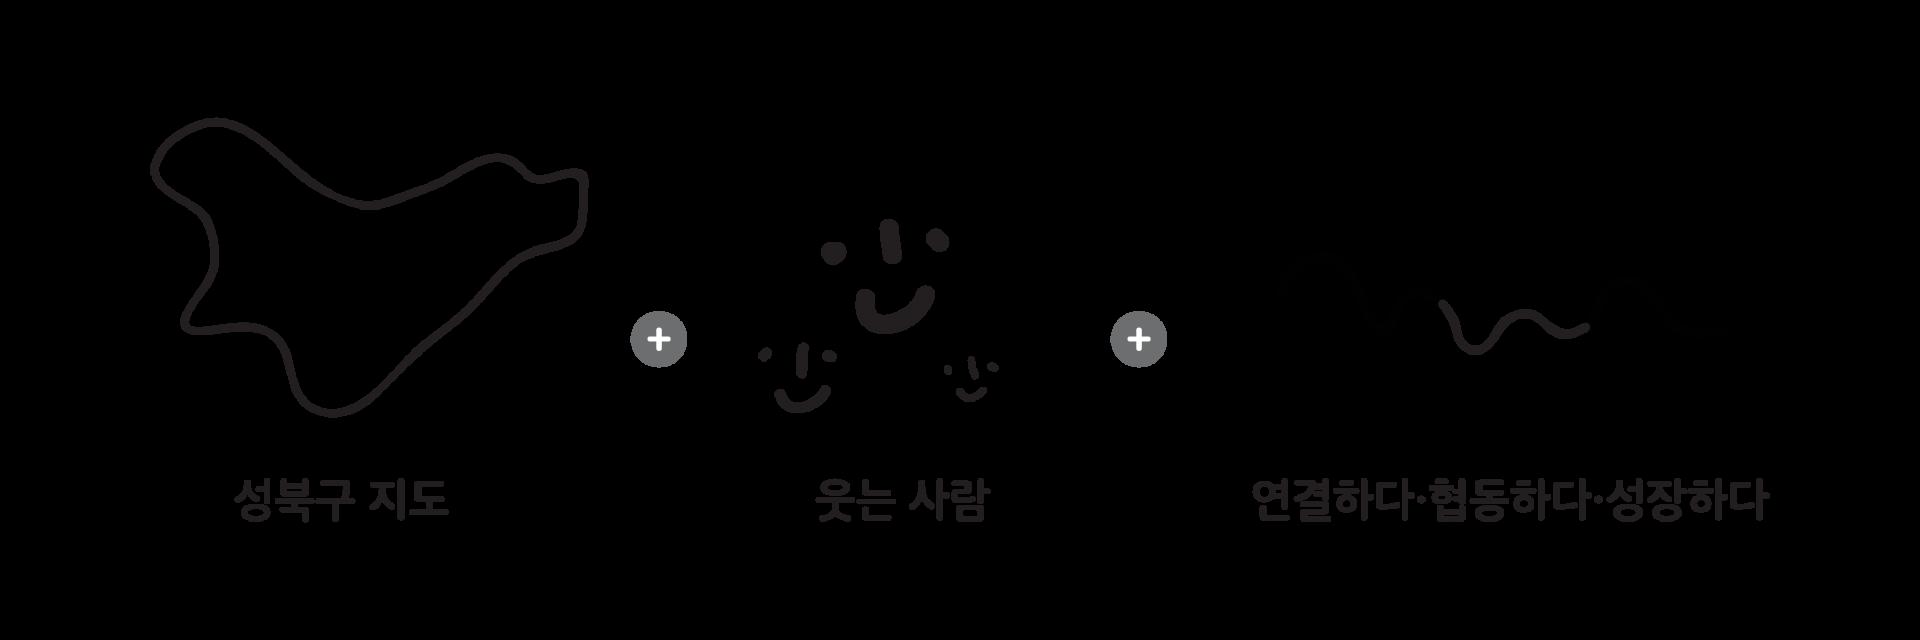 성북마을 BI 요소인 성북구 지도 모형, 웃는 사람, 연결하다는 의미의 선이 그려져 있다